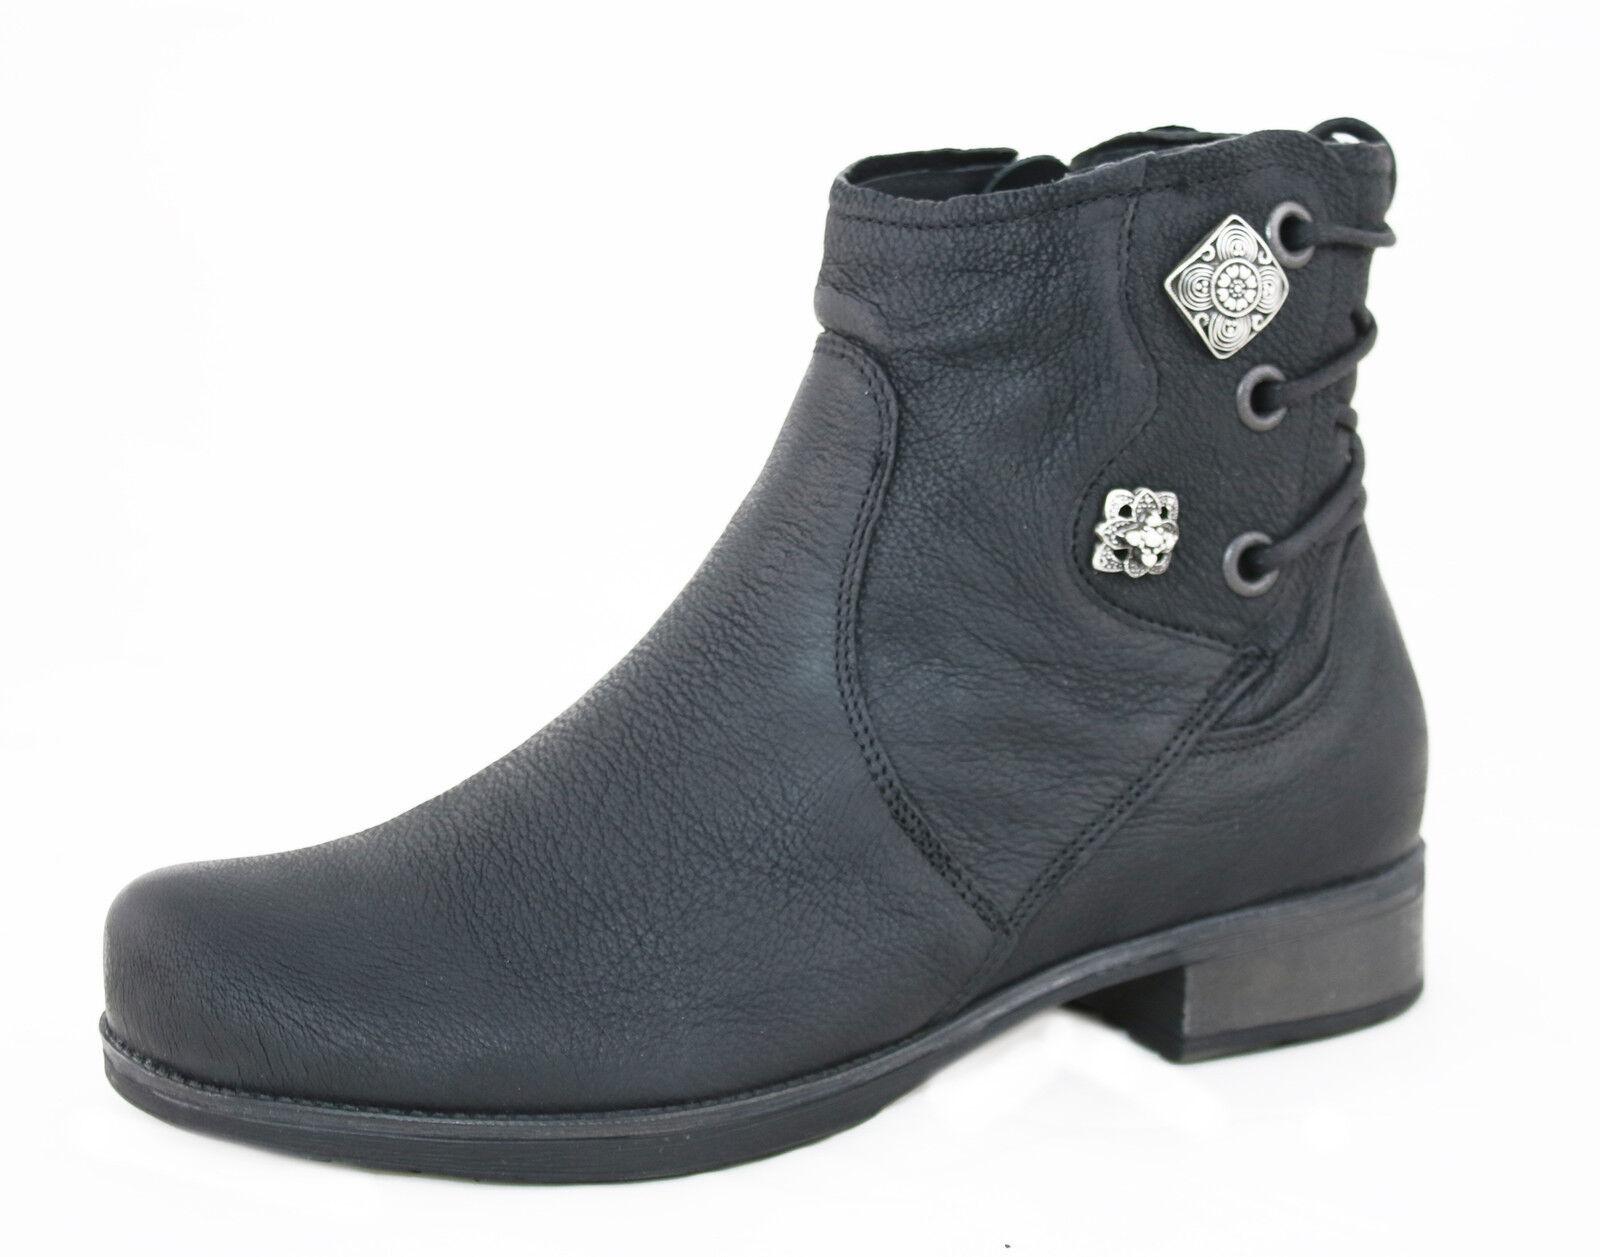 Think  81013 señora botas botín piensa  533 533 533  n ° 1 en línea